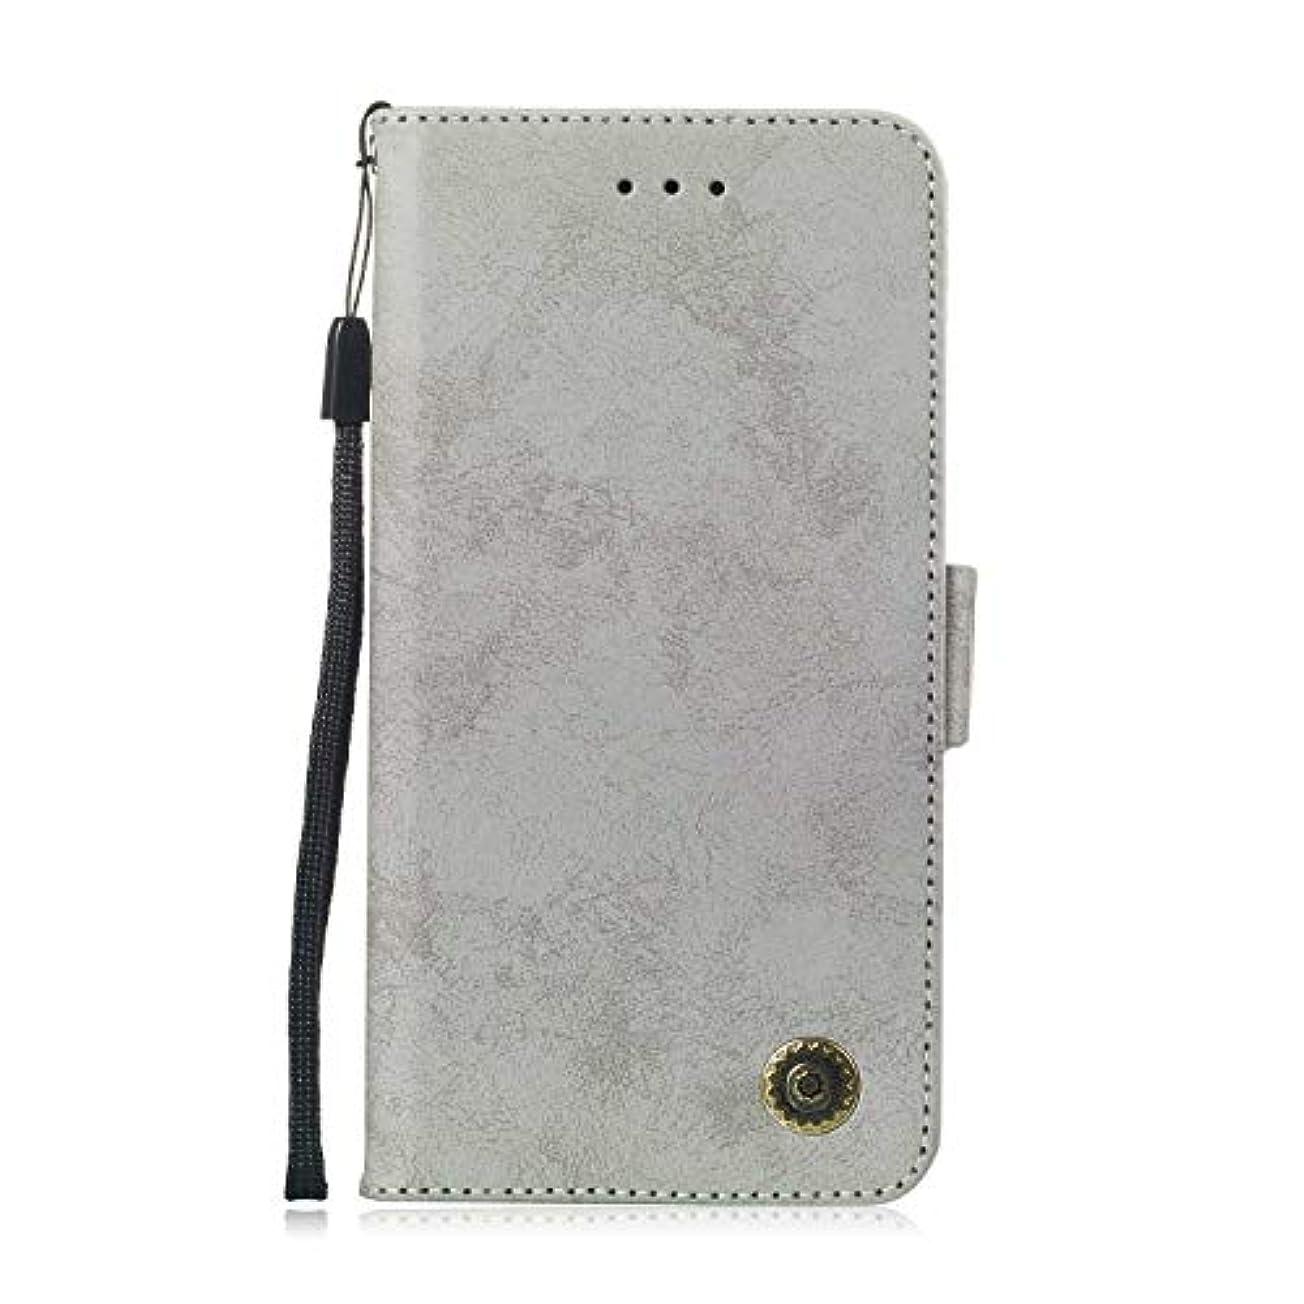 口ひげ野望不安定なZeebox® Huawei Mate 20 Lite 手帳型ケース Huawei Mate 20 Lite 手帳型カバー 財布型 合皮PUレザー マグネット式 保護ケース カード収納 スタンド 機能 (グレー #5)